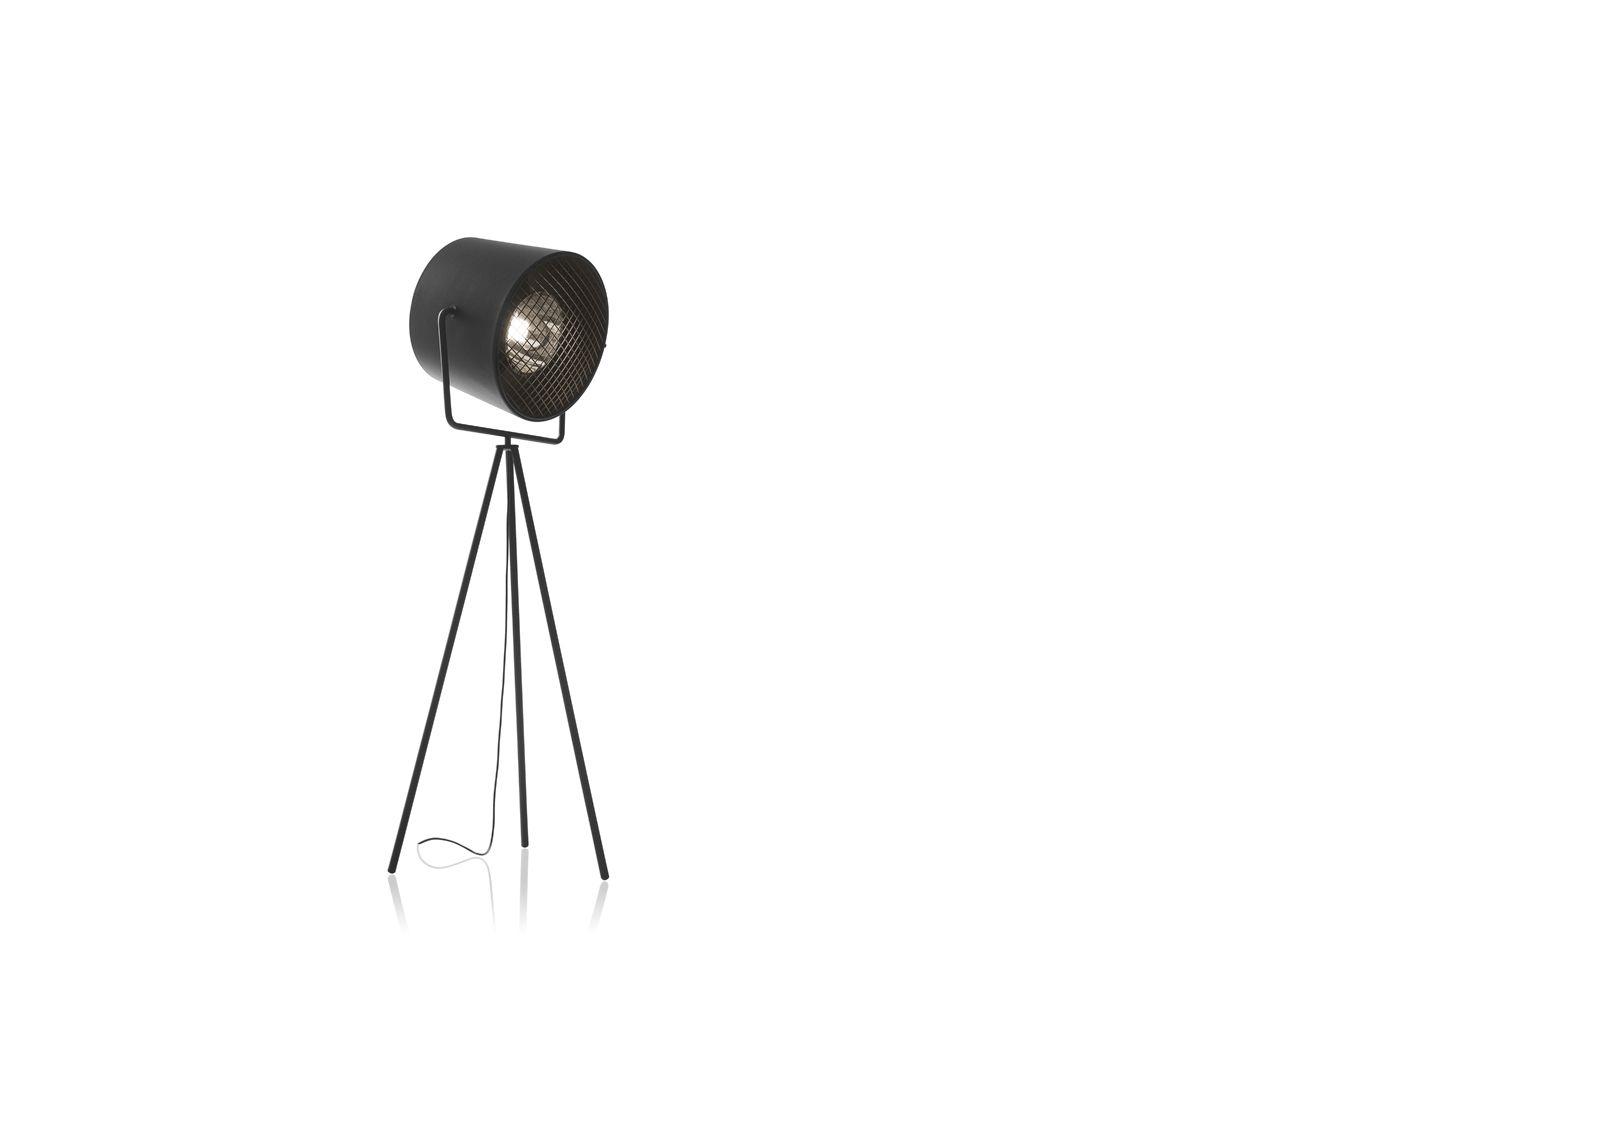 Zero, Last, Vloerlamp, licht, verlichting, interieur, lamp ...